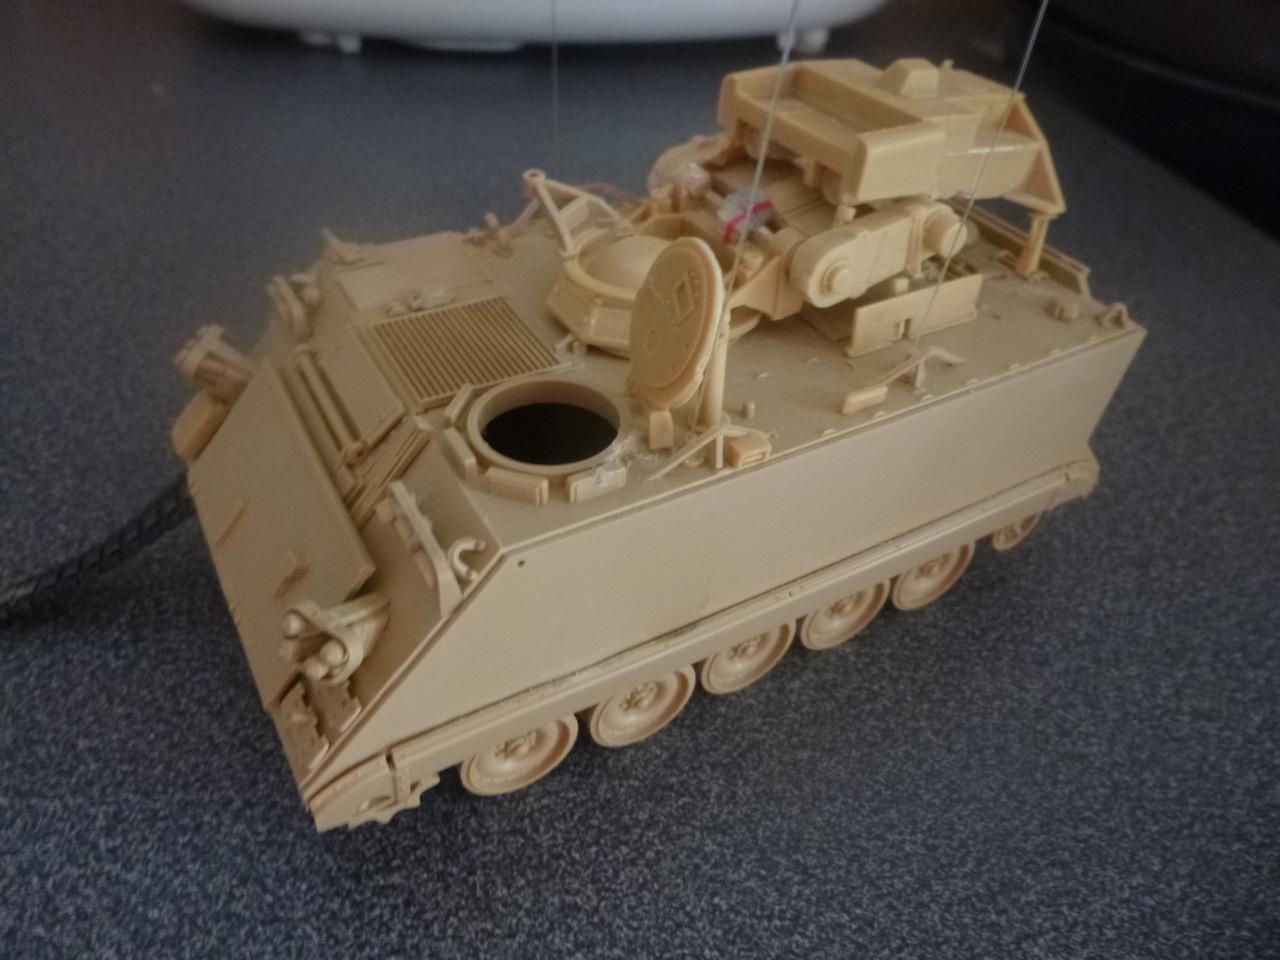 M113 / M109 Tow, une conversion en résine Verlinden au 1/35, base Tamiya 170122124127118371